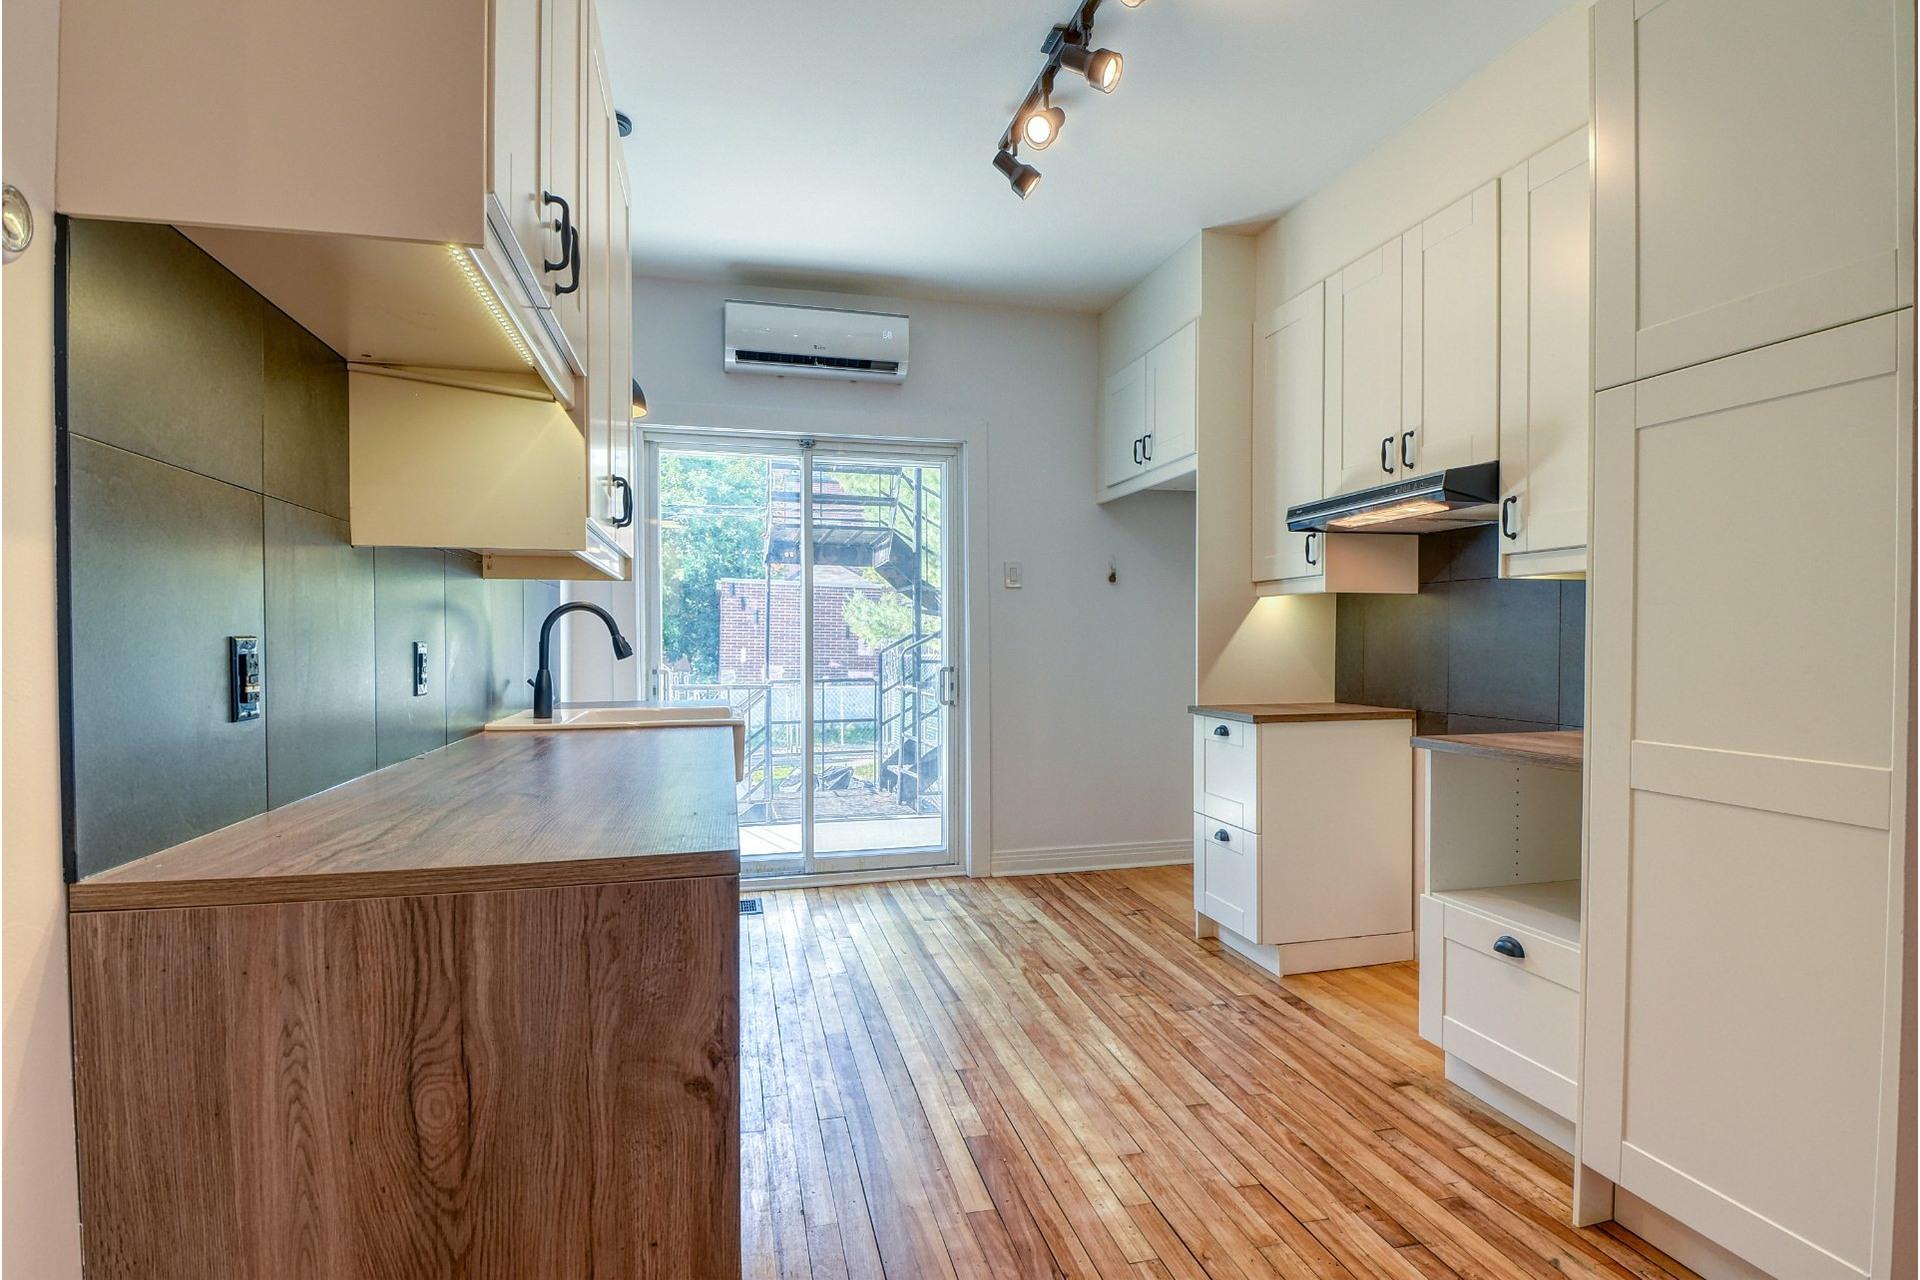 image 5 - Apartment For rent Verdun/Île-des-Soeurs Montréal  - 8 rooms